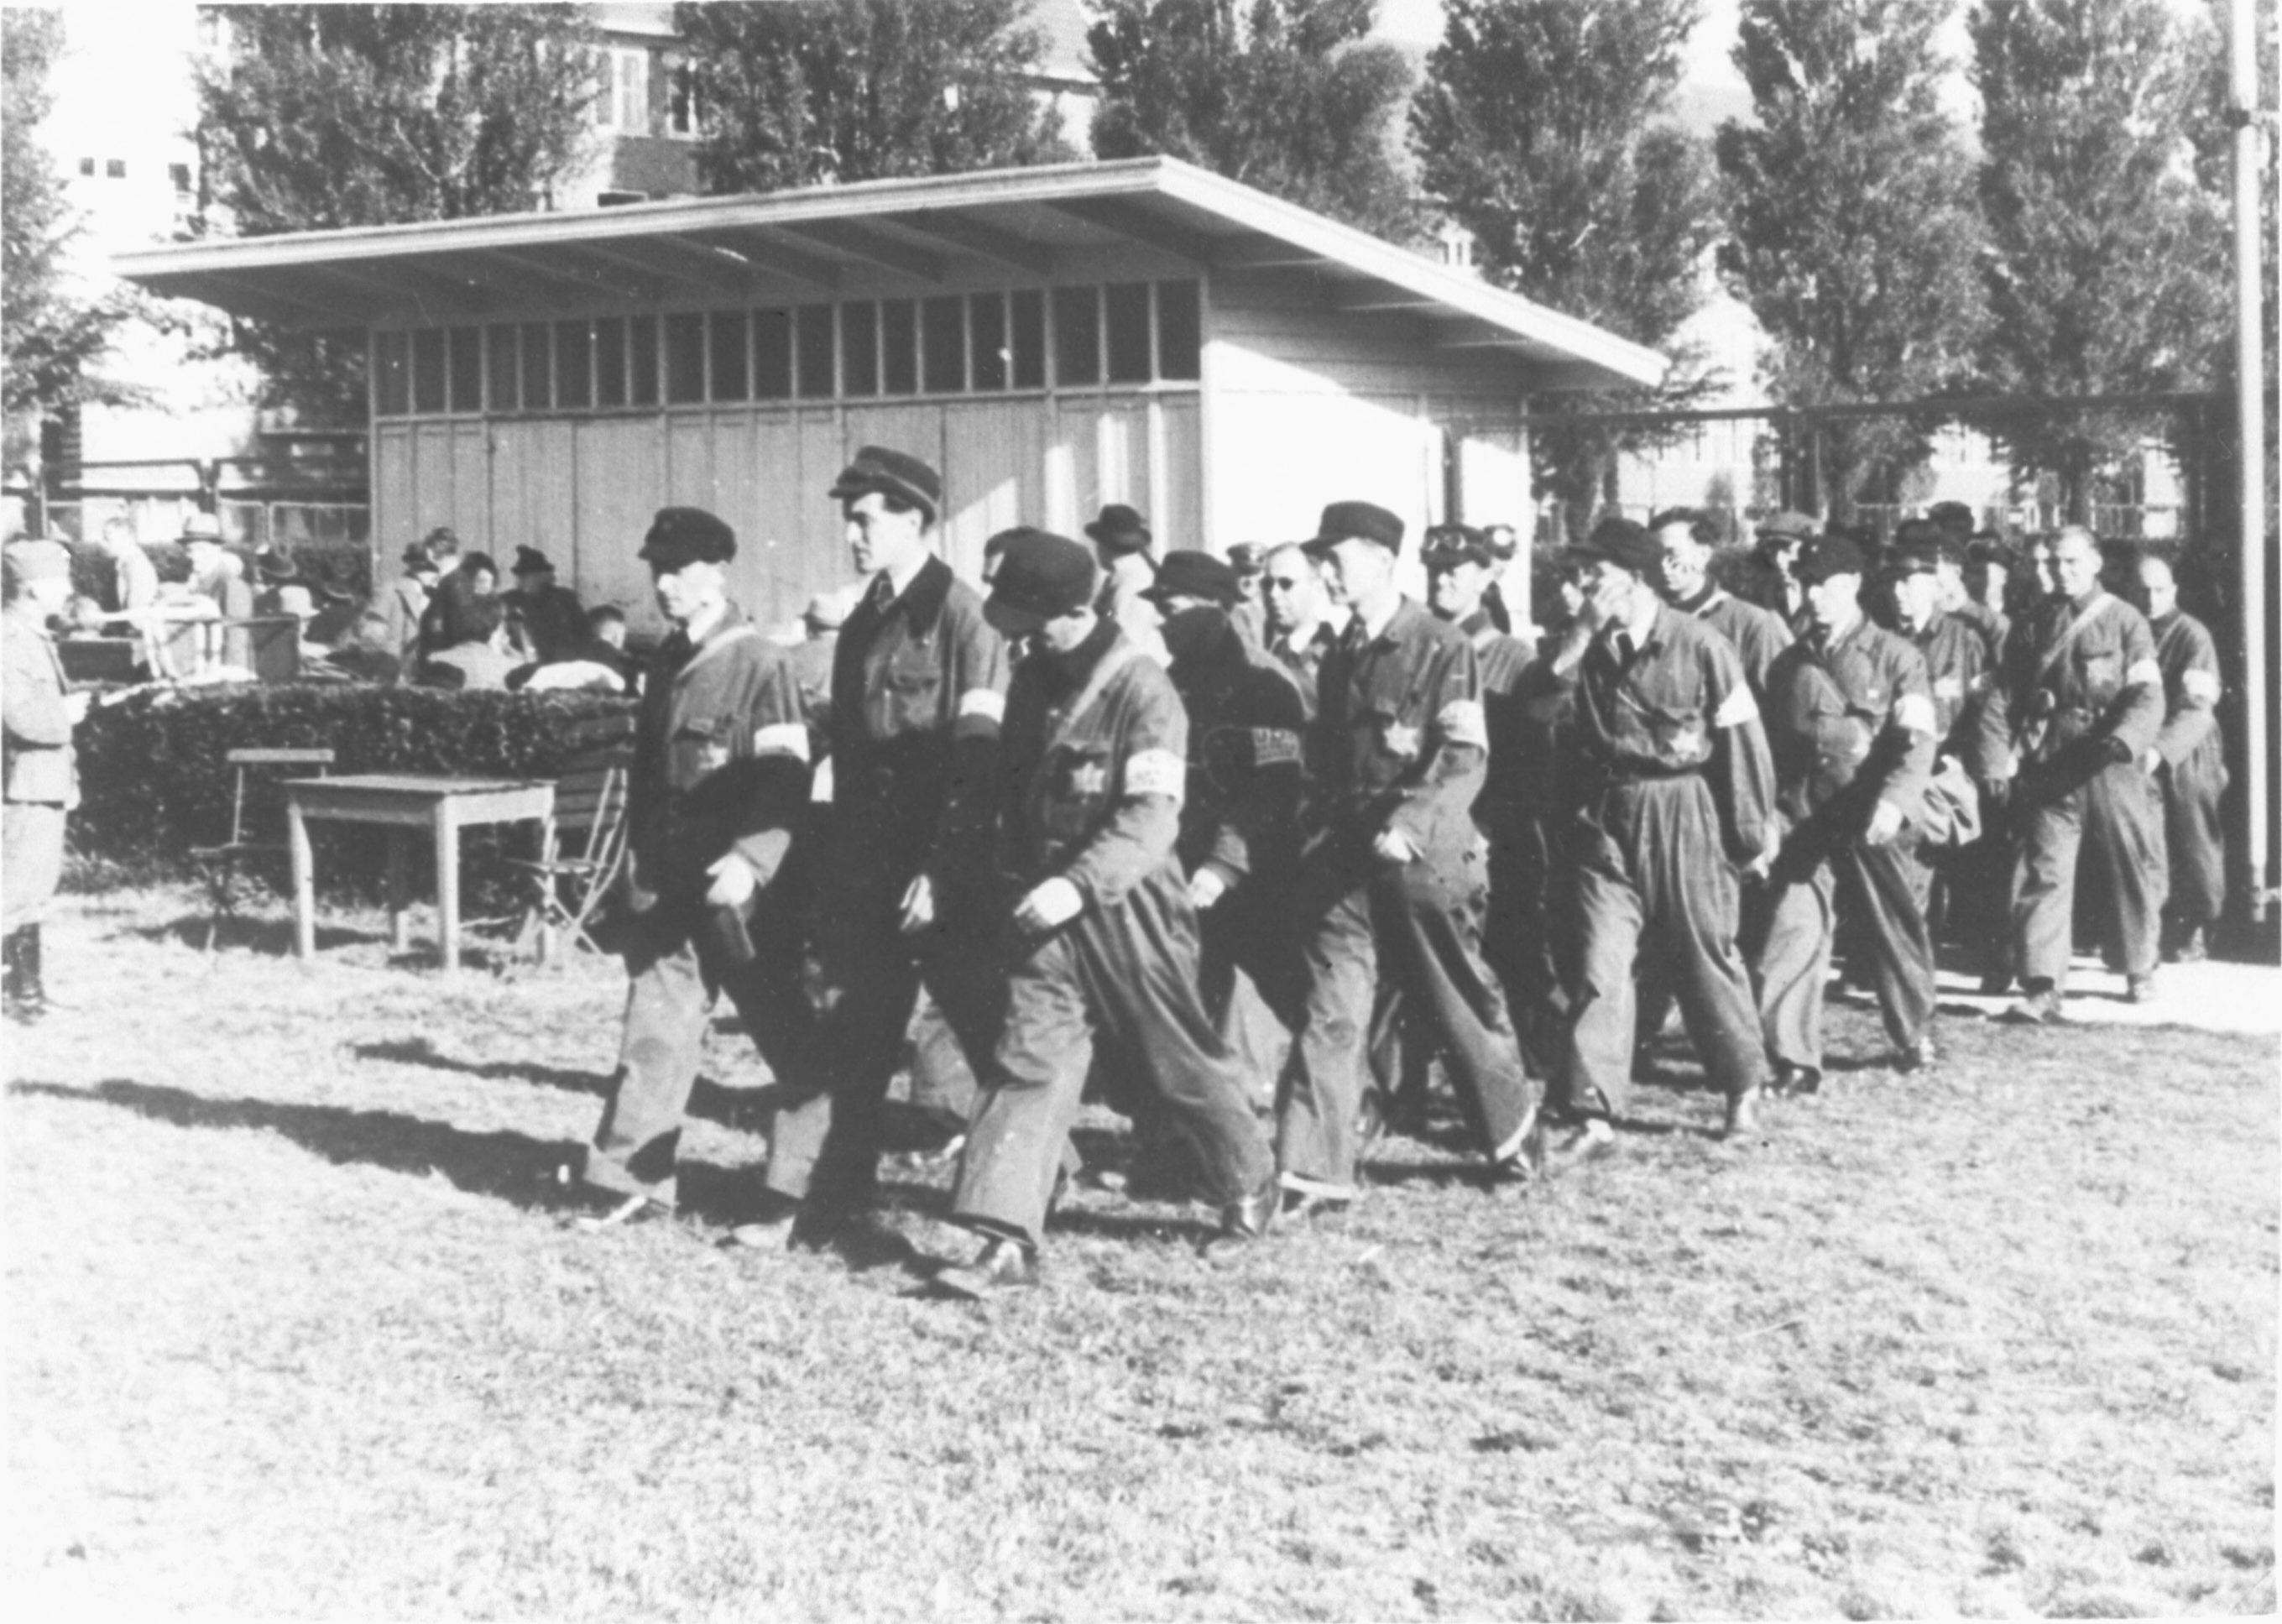 De Joodse Ordedienst bij het Olympiaplein in Amsterdam op 20 juni 1943